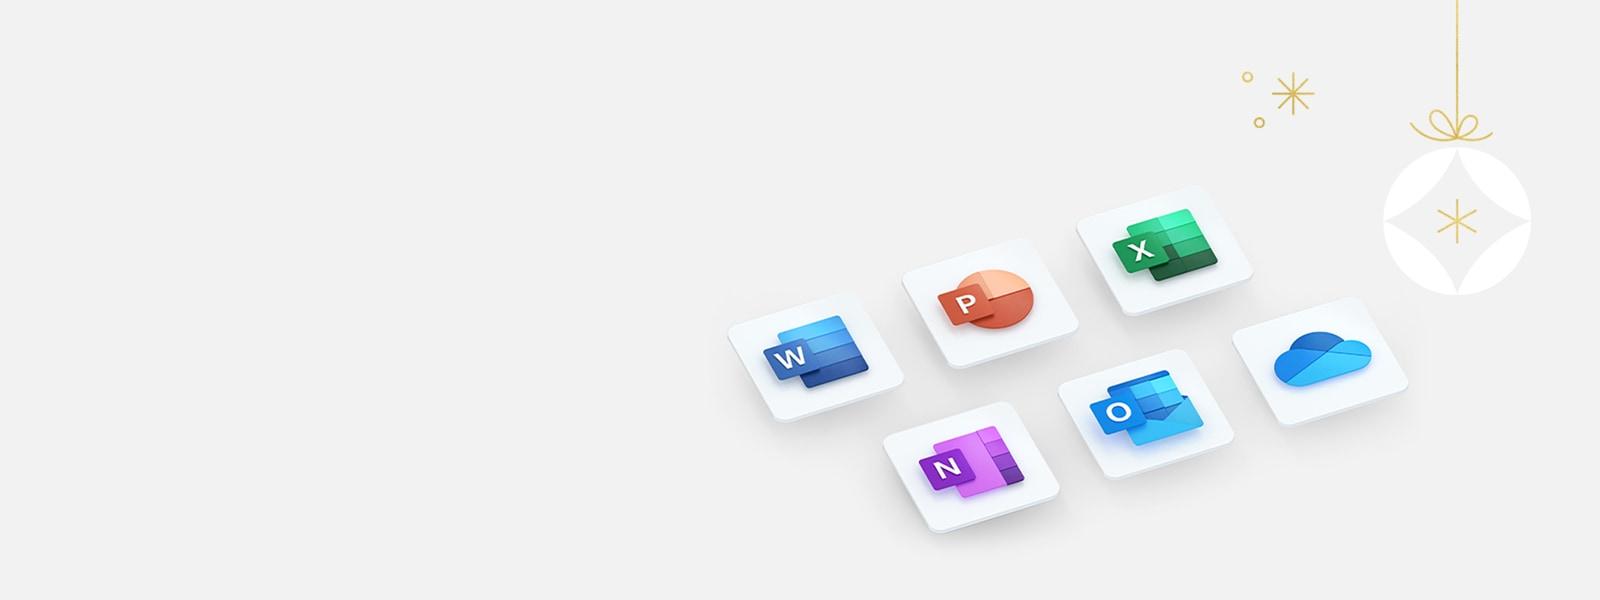 Iconos de las aplicaciones que se incluyen en Microsoft 365